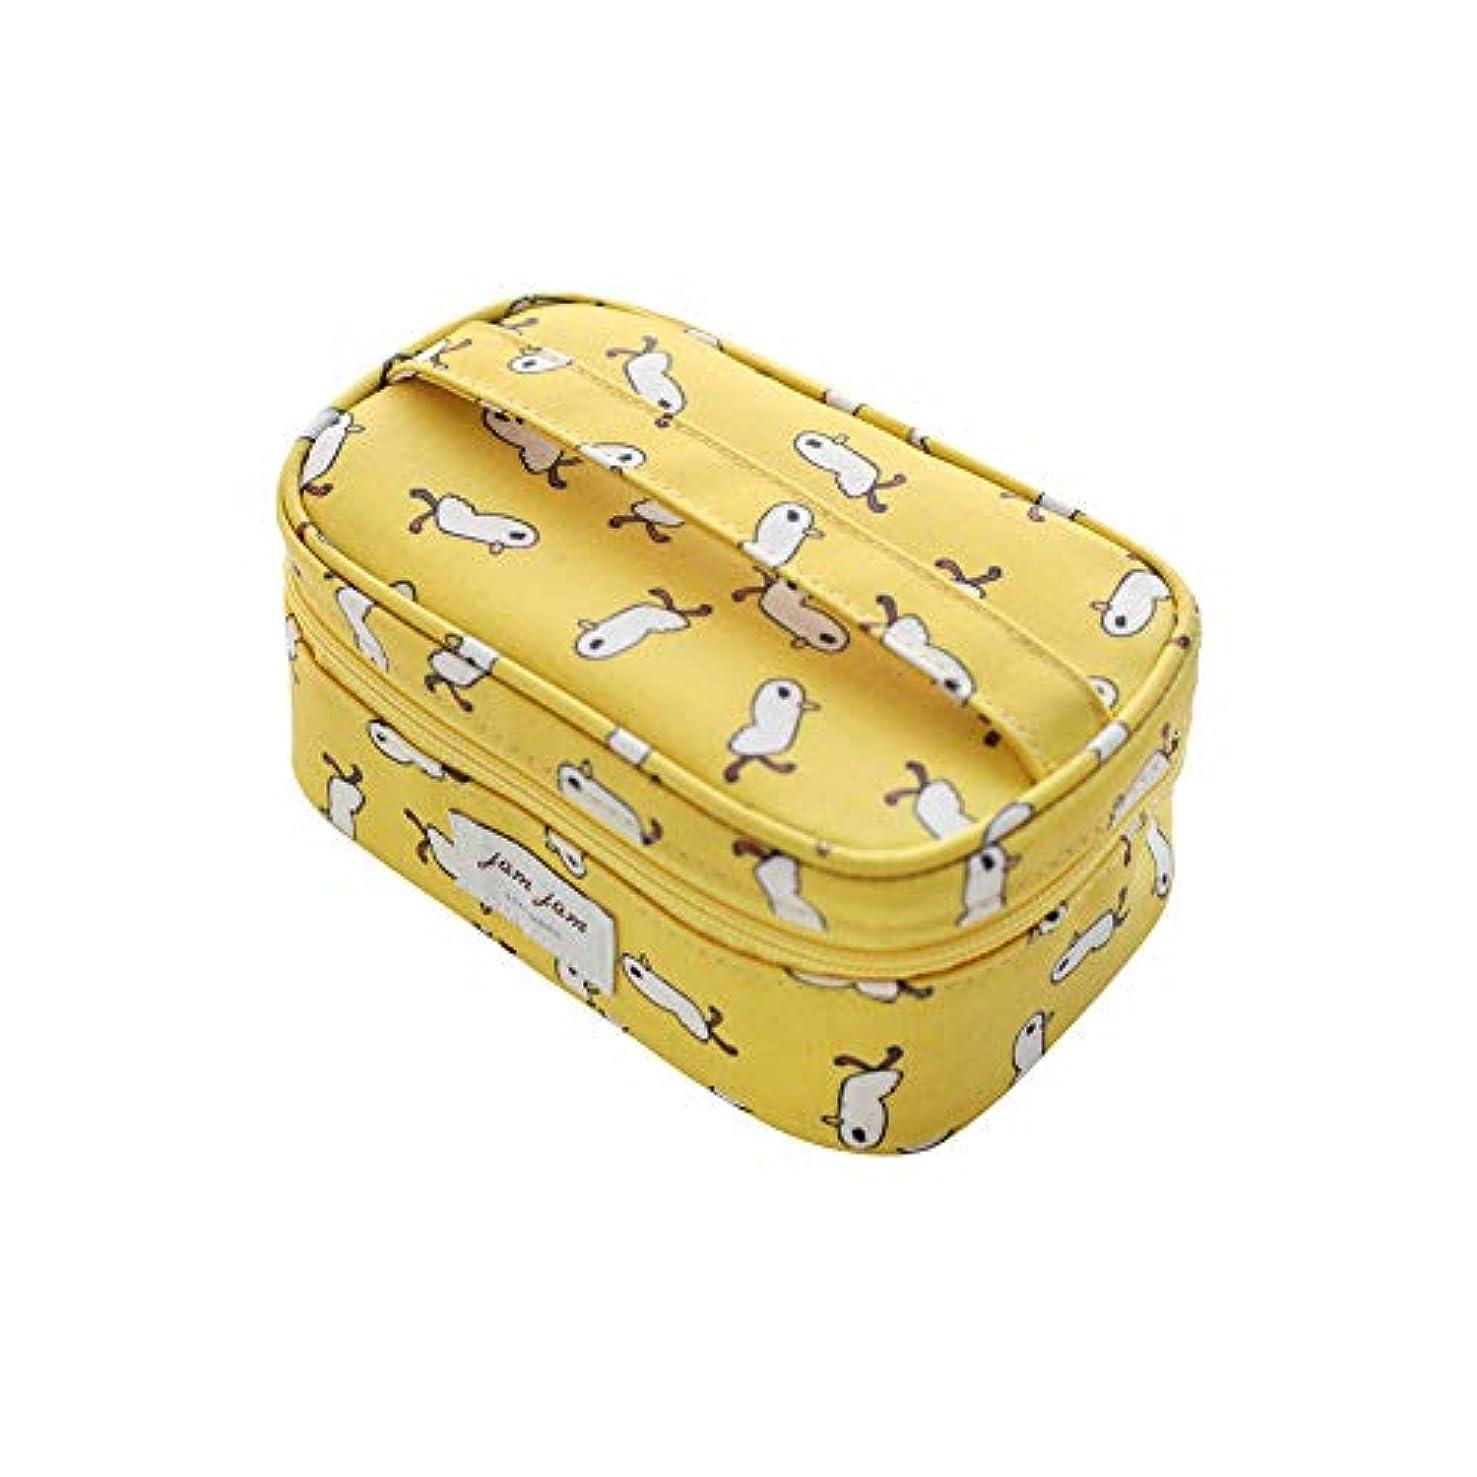 淡いスリラー法律により[LIVEWORK] JAMJAM makeup pouch (duck) ジェムジェムメイクポーチ(あひる) ブラッシュ メイクアップ イエロー 黄色